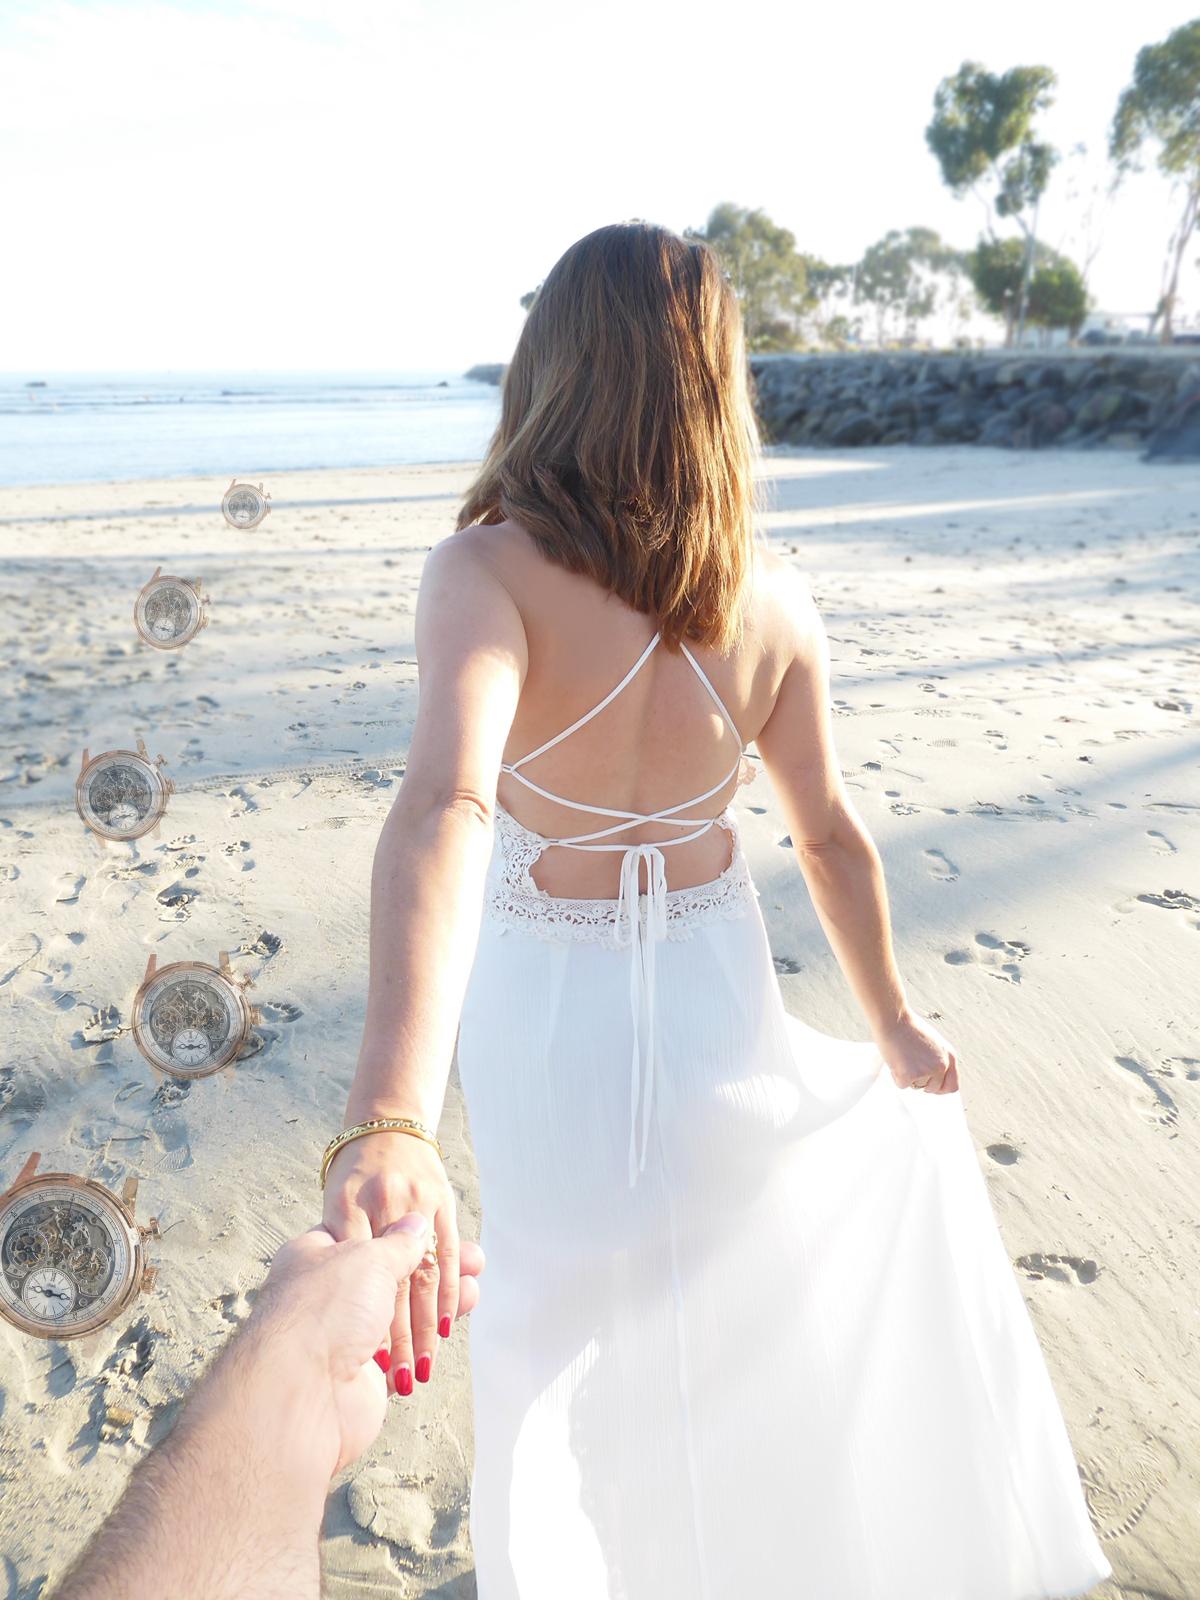 mvl memoris in sand